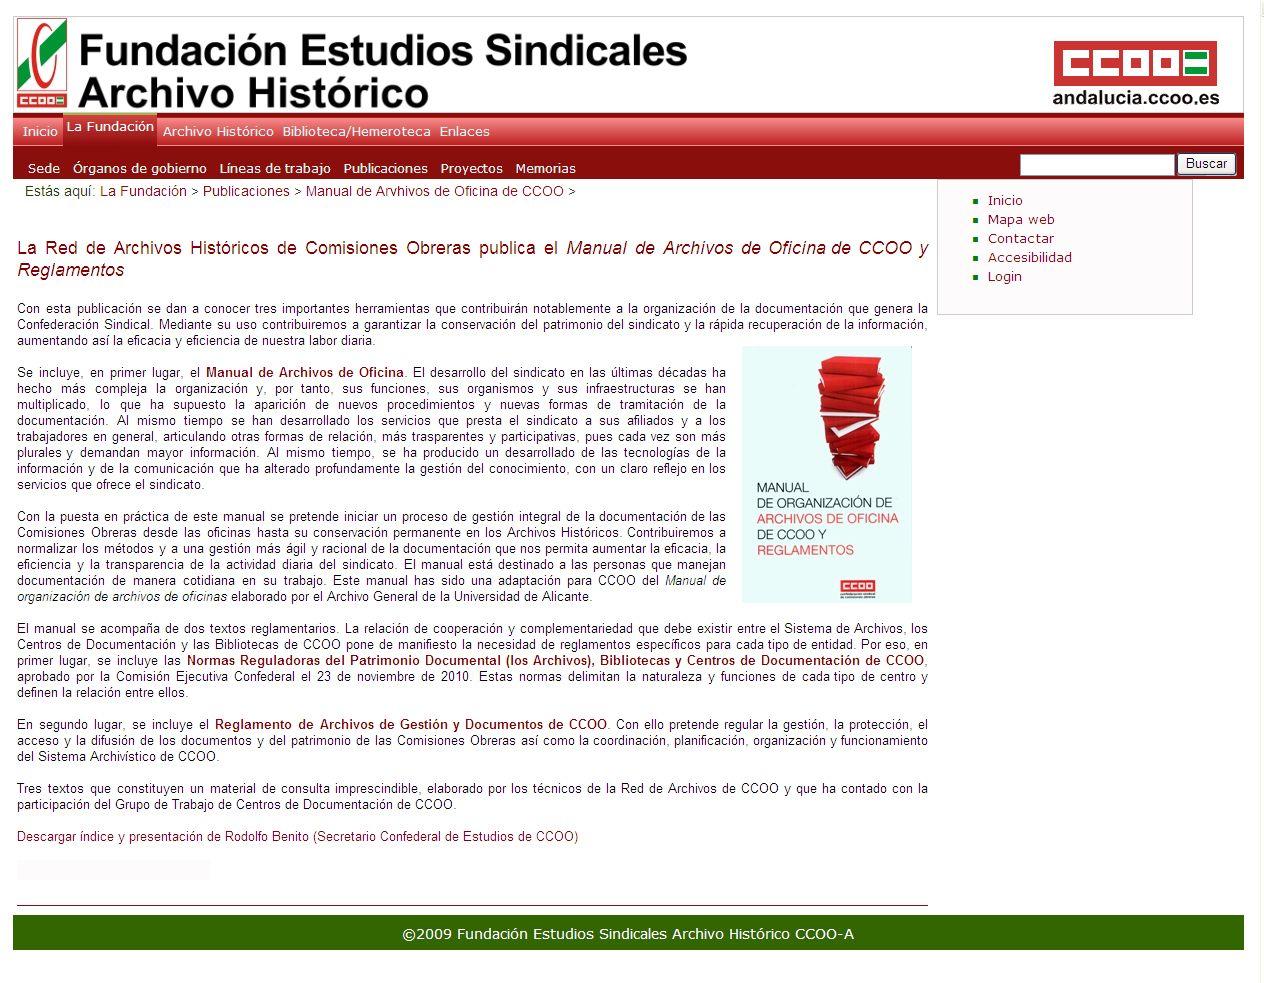 Fundacion Estudios Sindicales 01